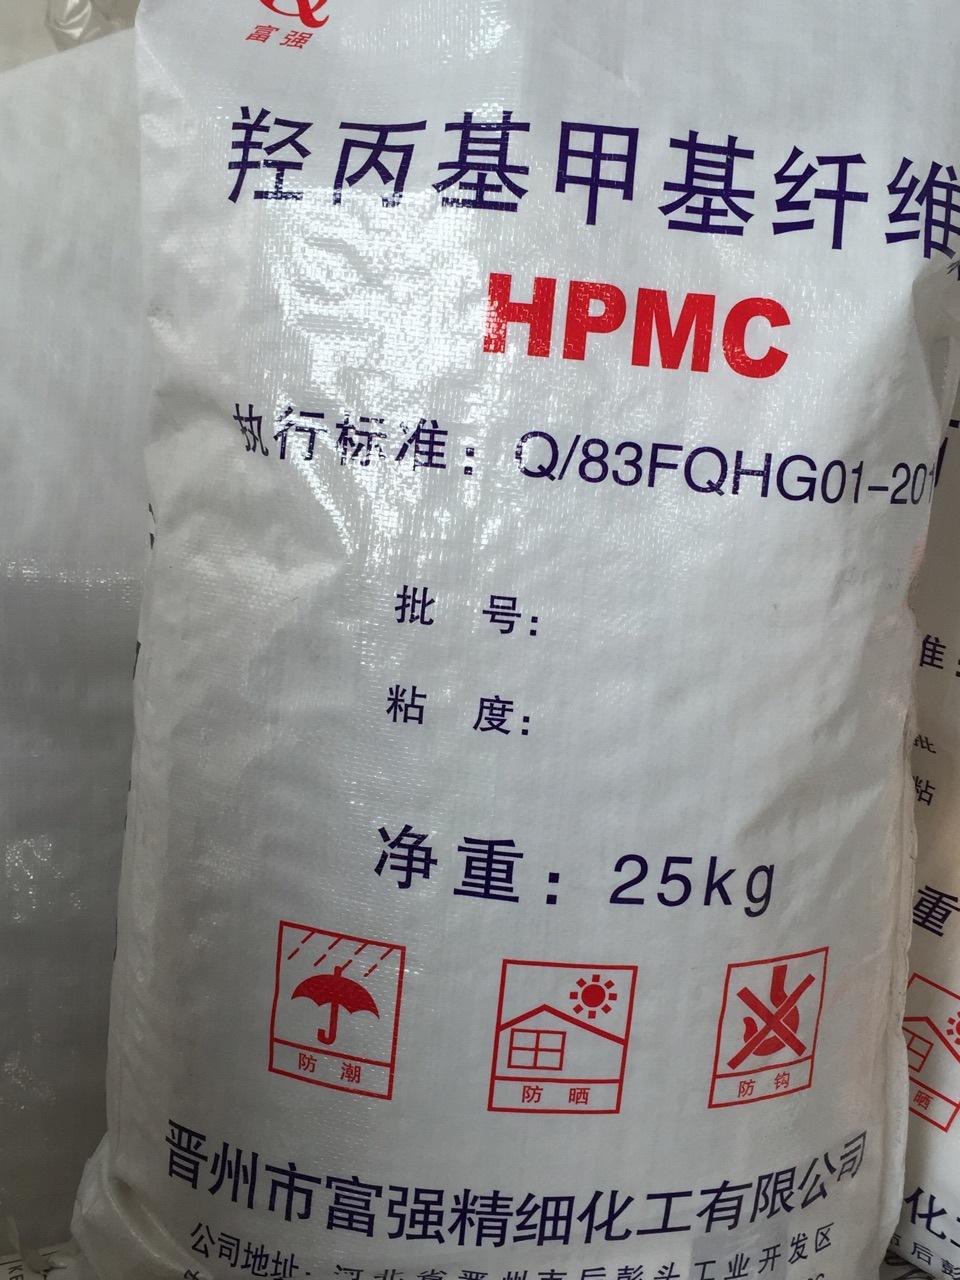 河北纤维素- 晋州富强纤维素羟丙基甲基纤维素hpmc